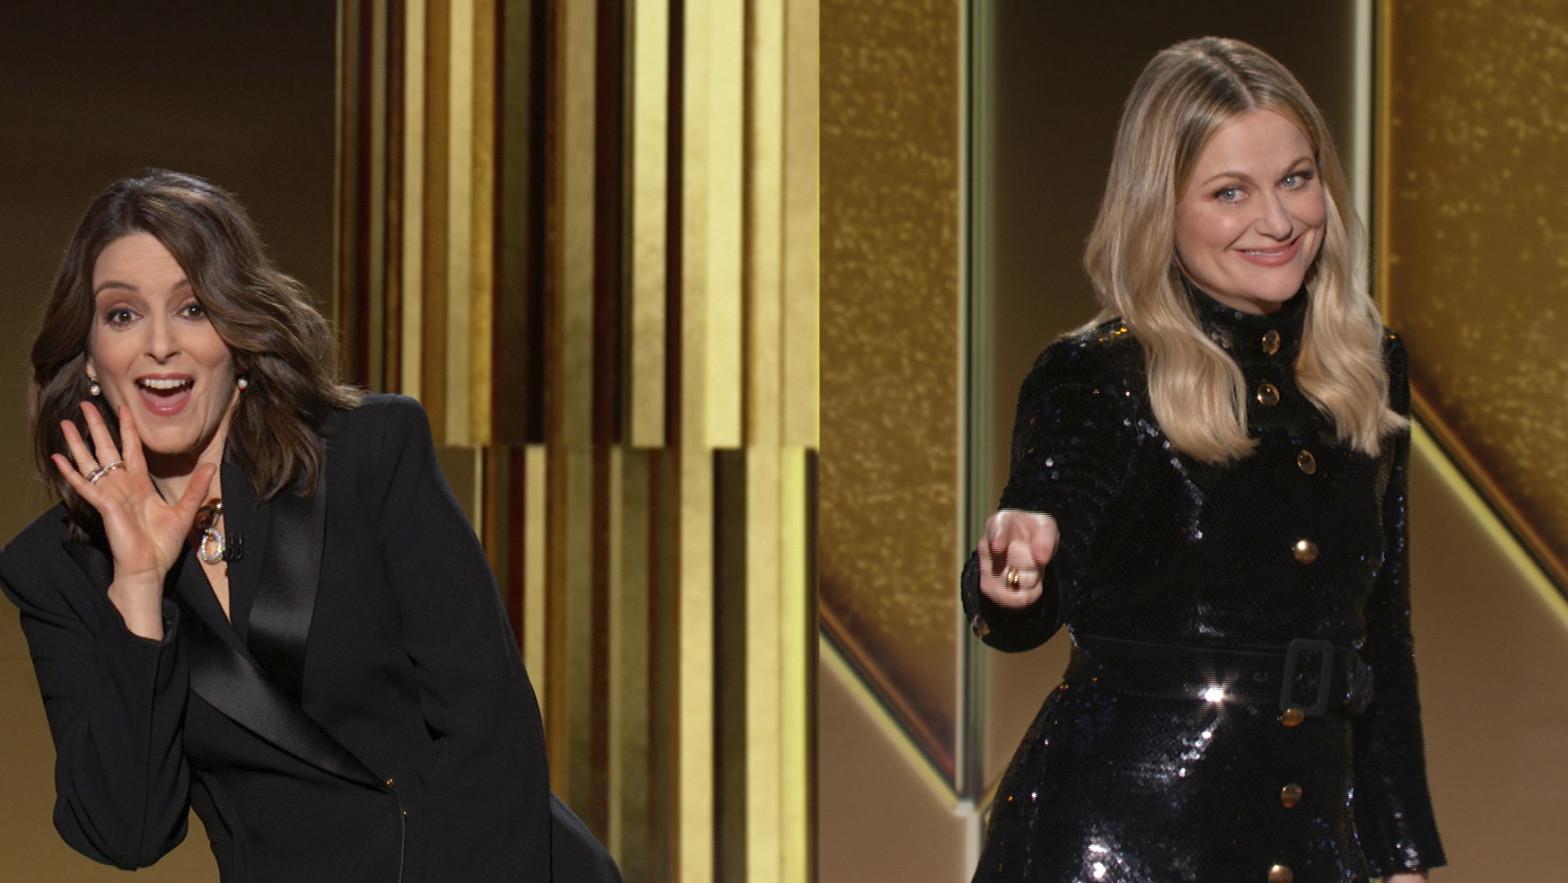 La 'NBC' cancela la emisión de los Globos de Oro 2022 por las acusaciones de corrupción